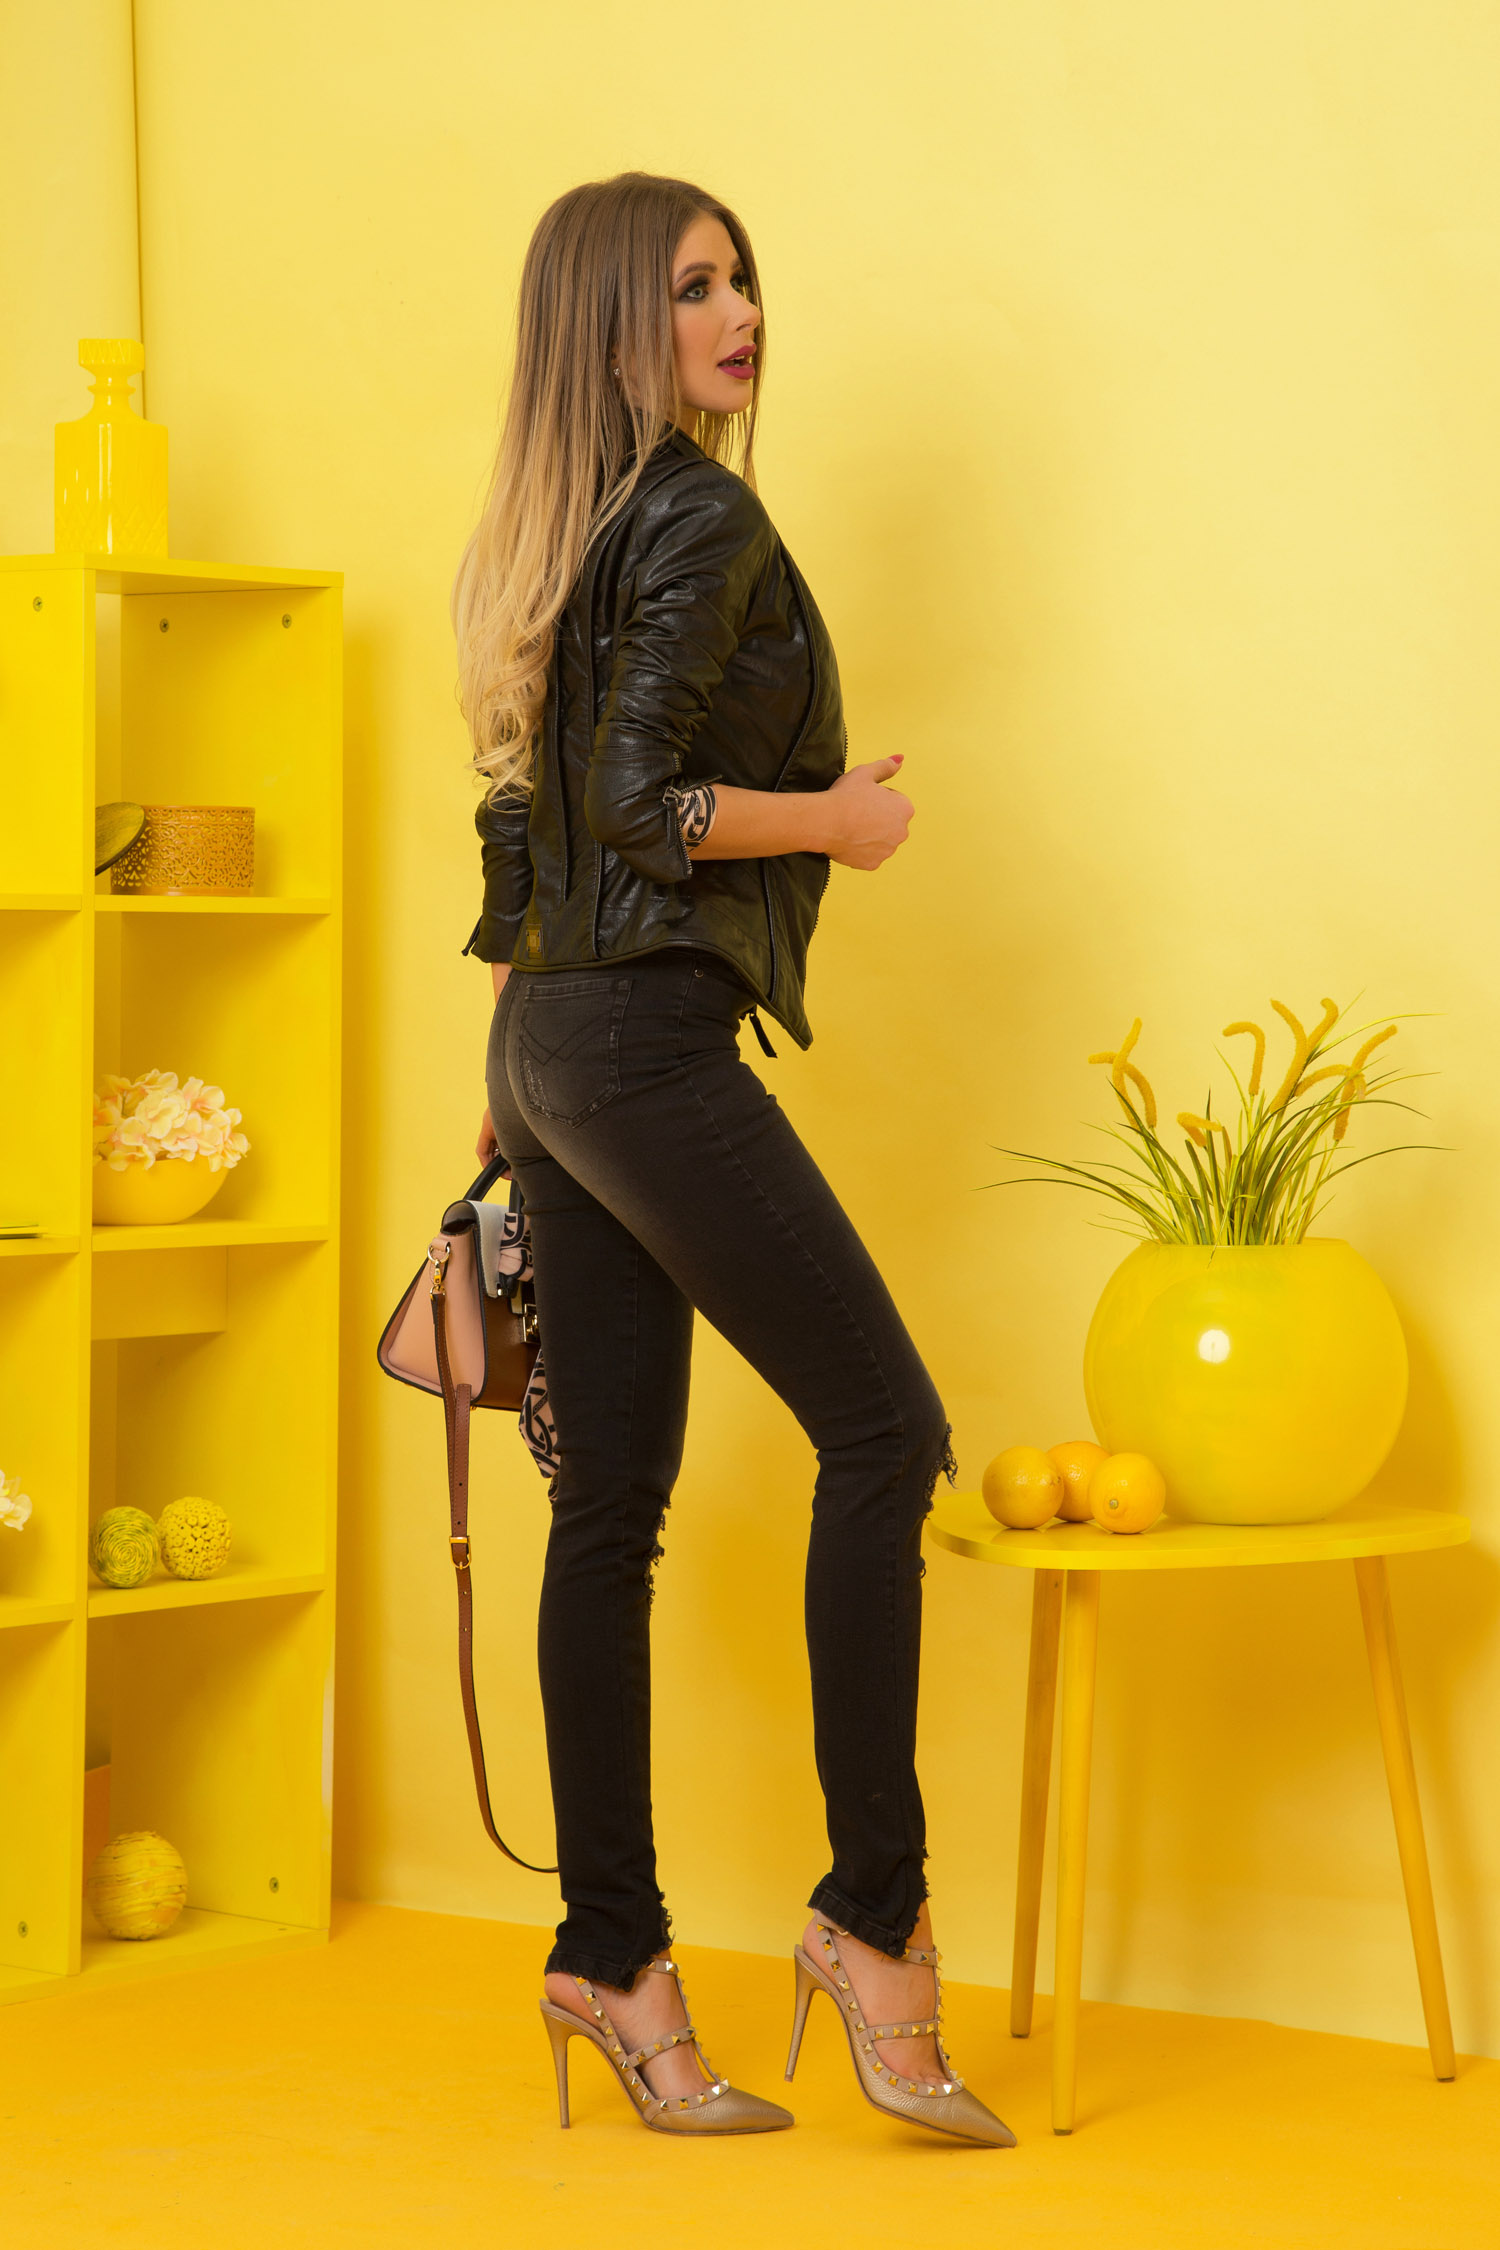 Shades on накъсани дънки с висока талия - черни